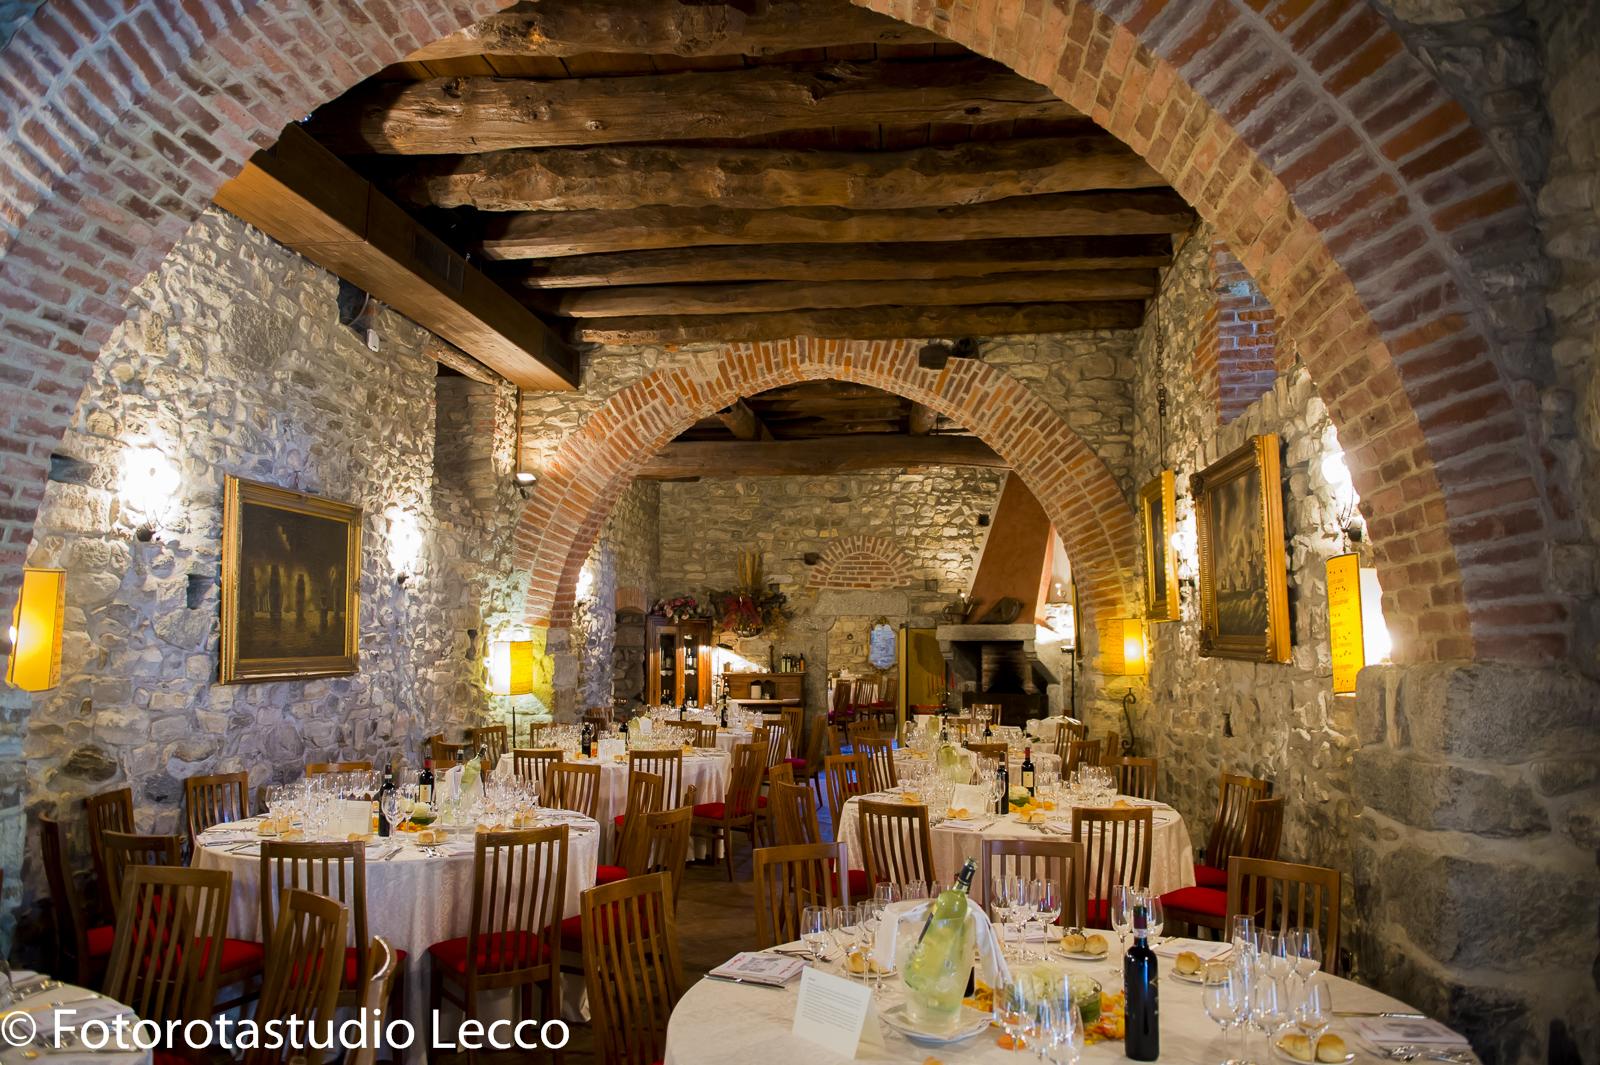 Matrimonio In Un Castello : Matrimonio castello di casiglio erba fotorotastudio